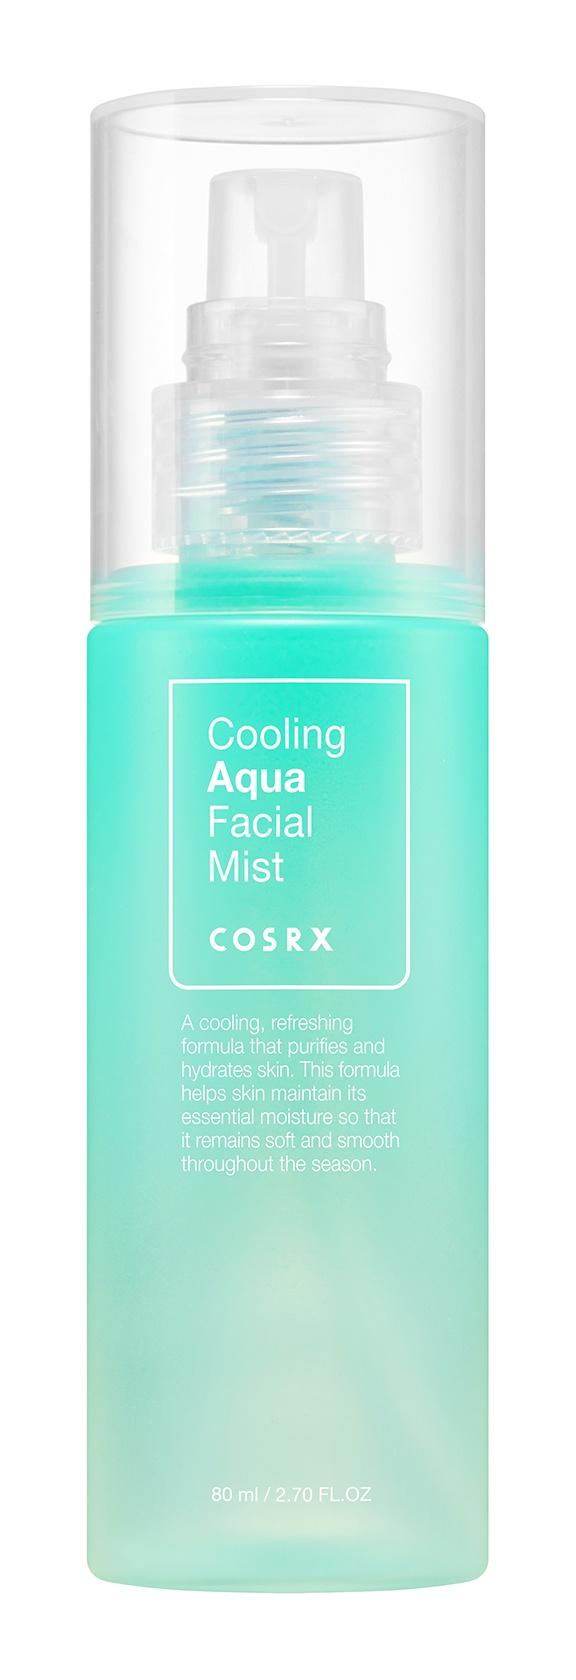 COSRX Cooling Aqua Facial Mist